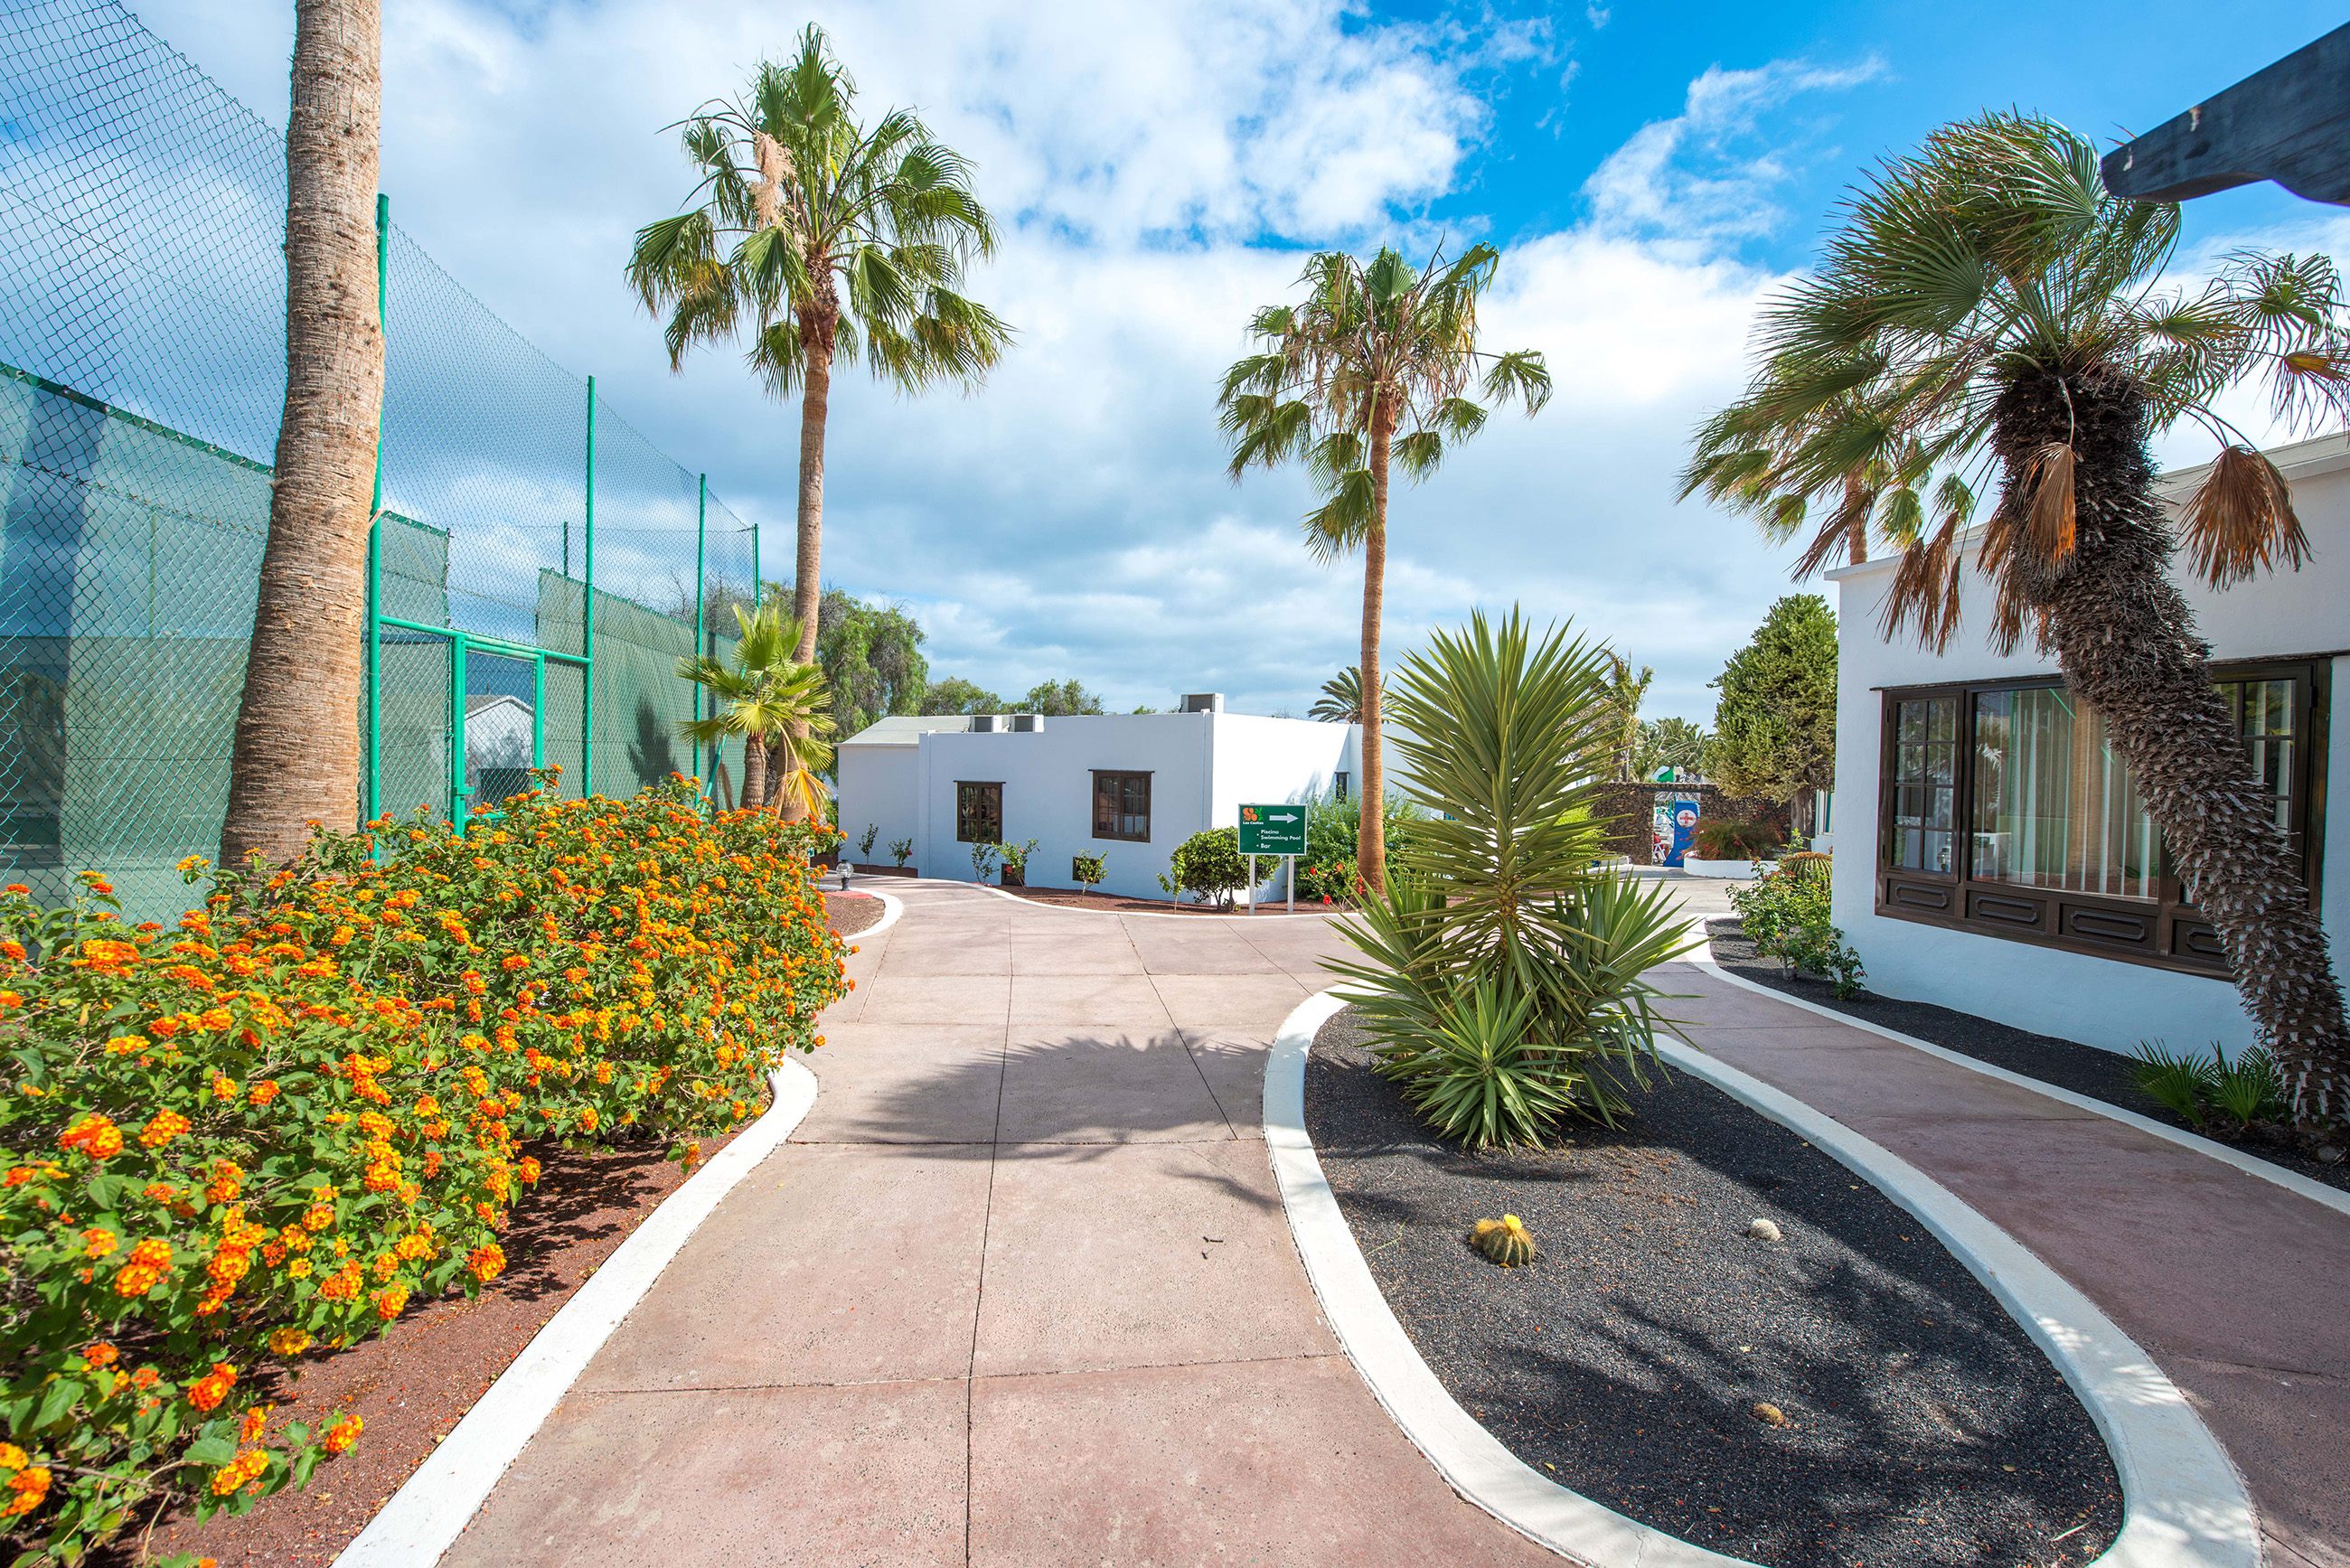 Las Casitas Gardens